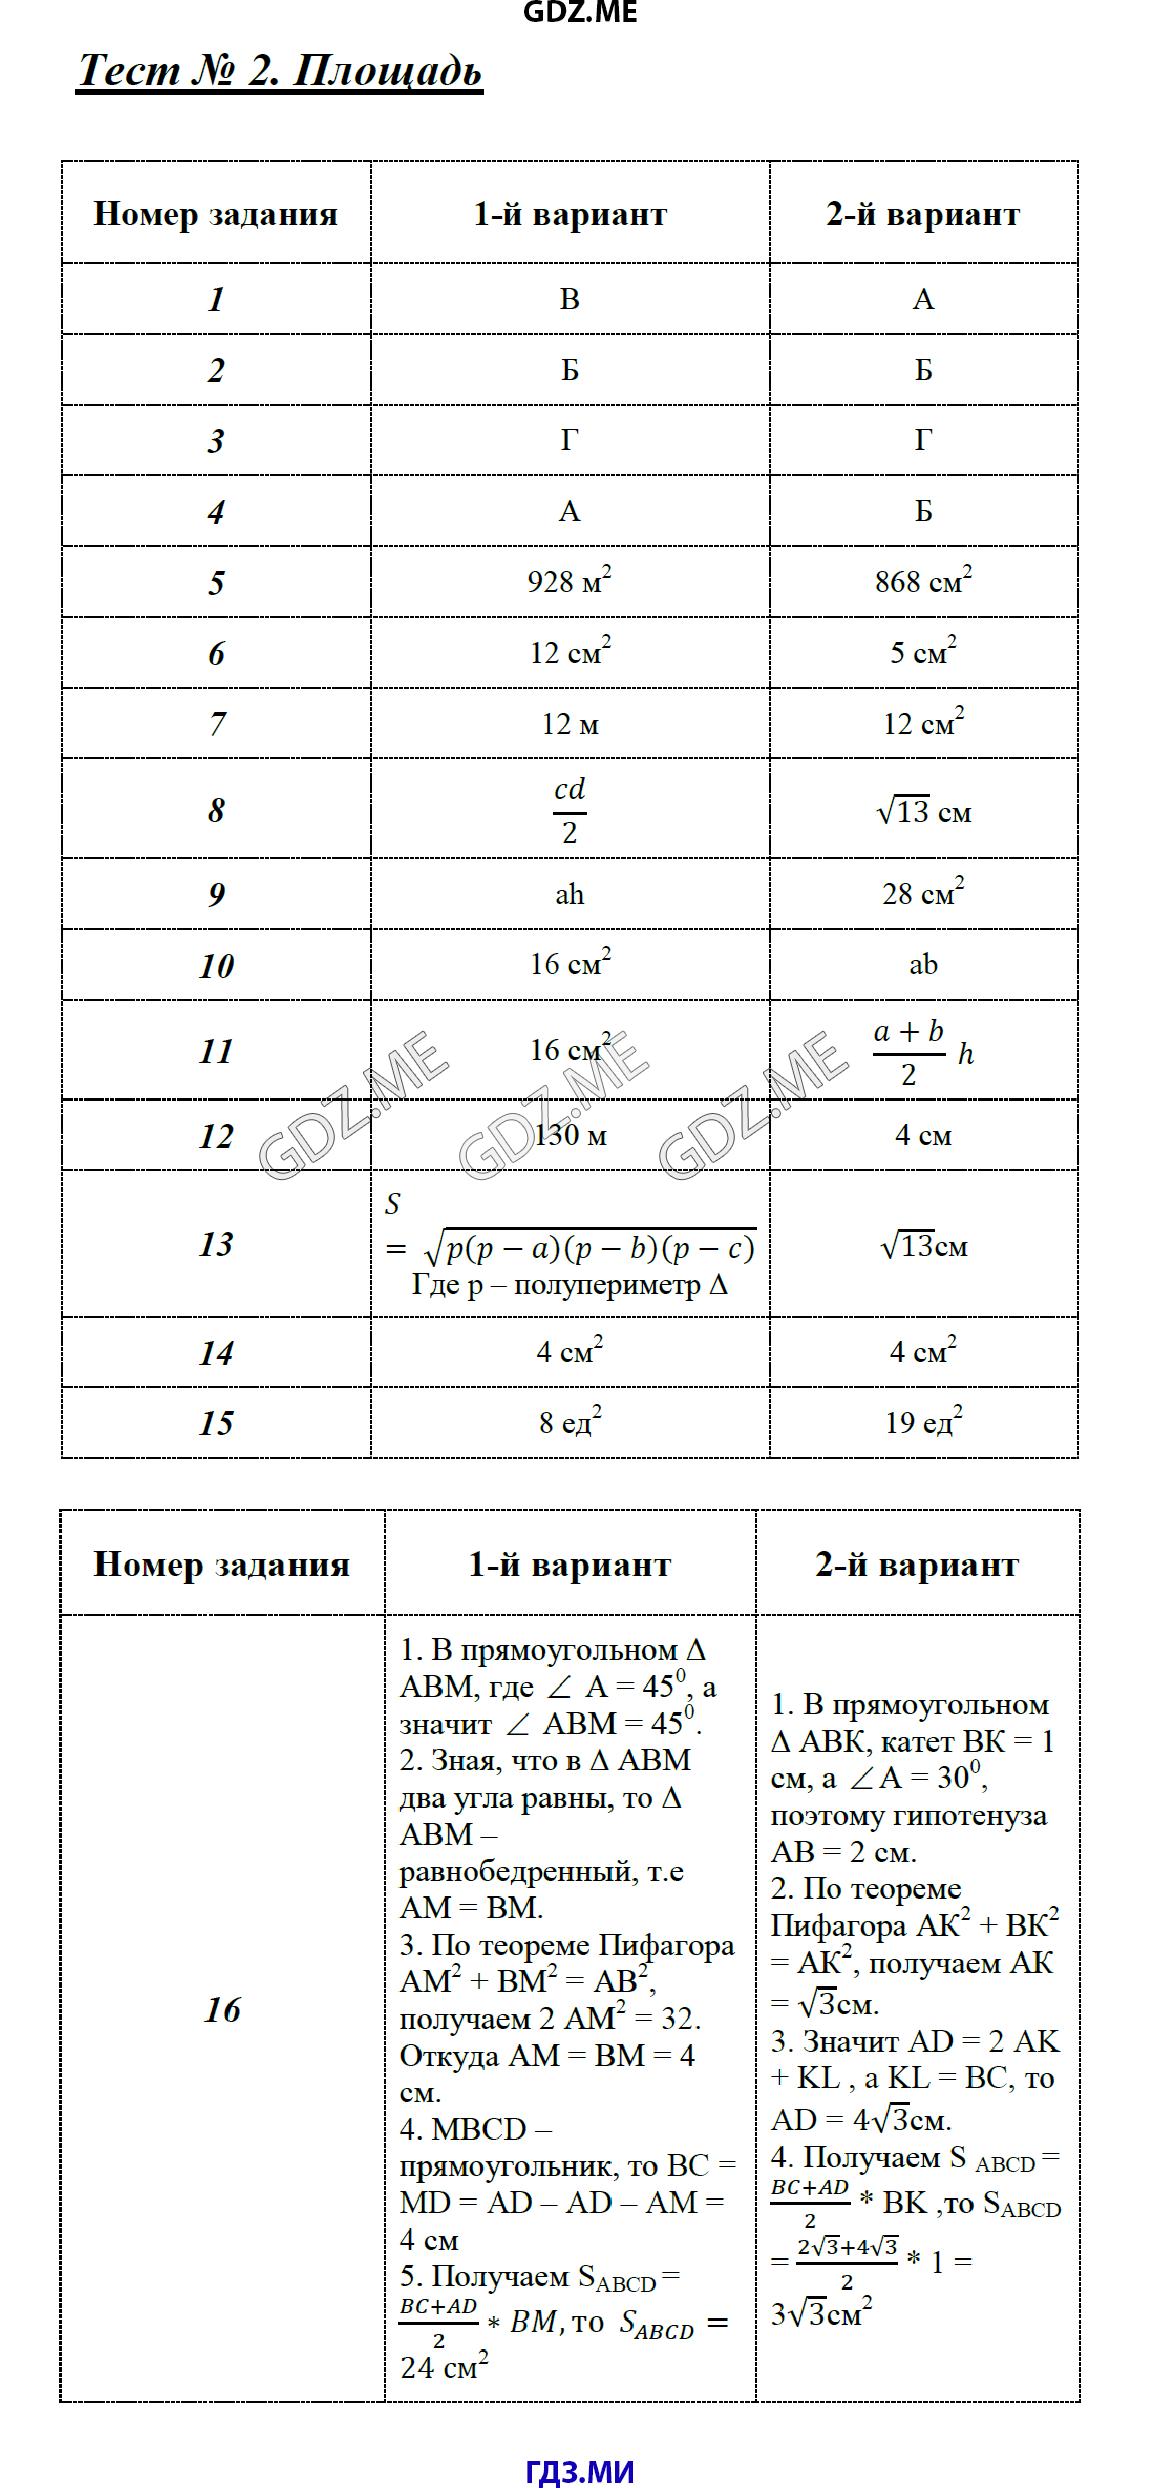 гдз по геометрия тесты 8 класс 2 часть